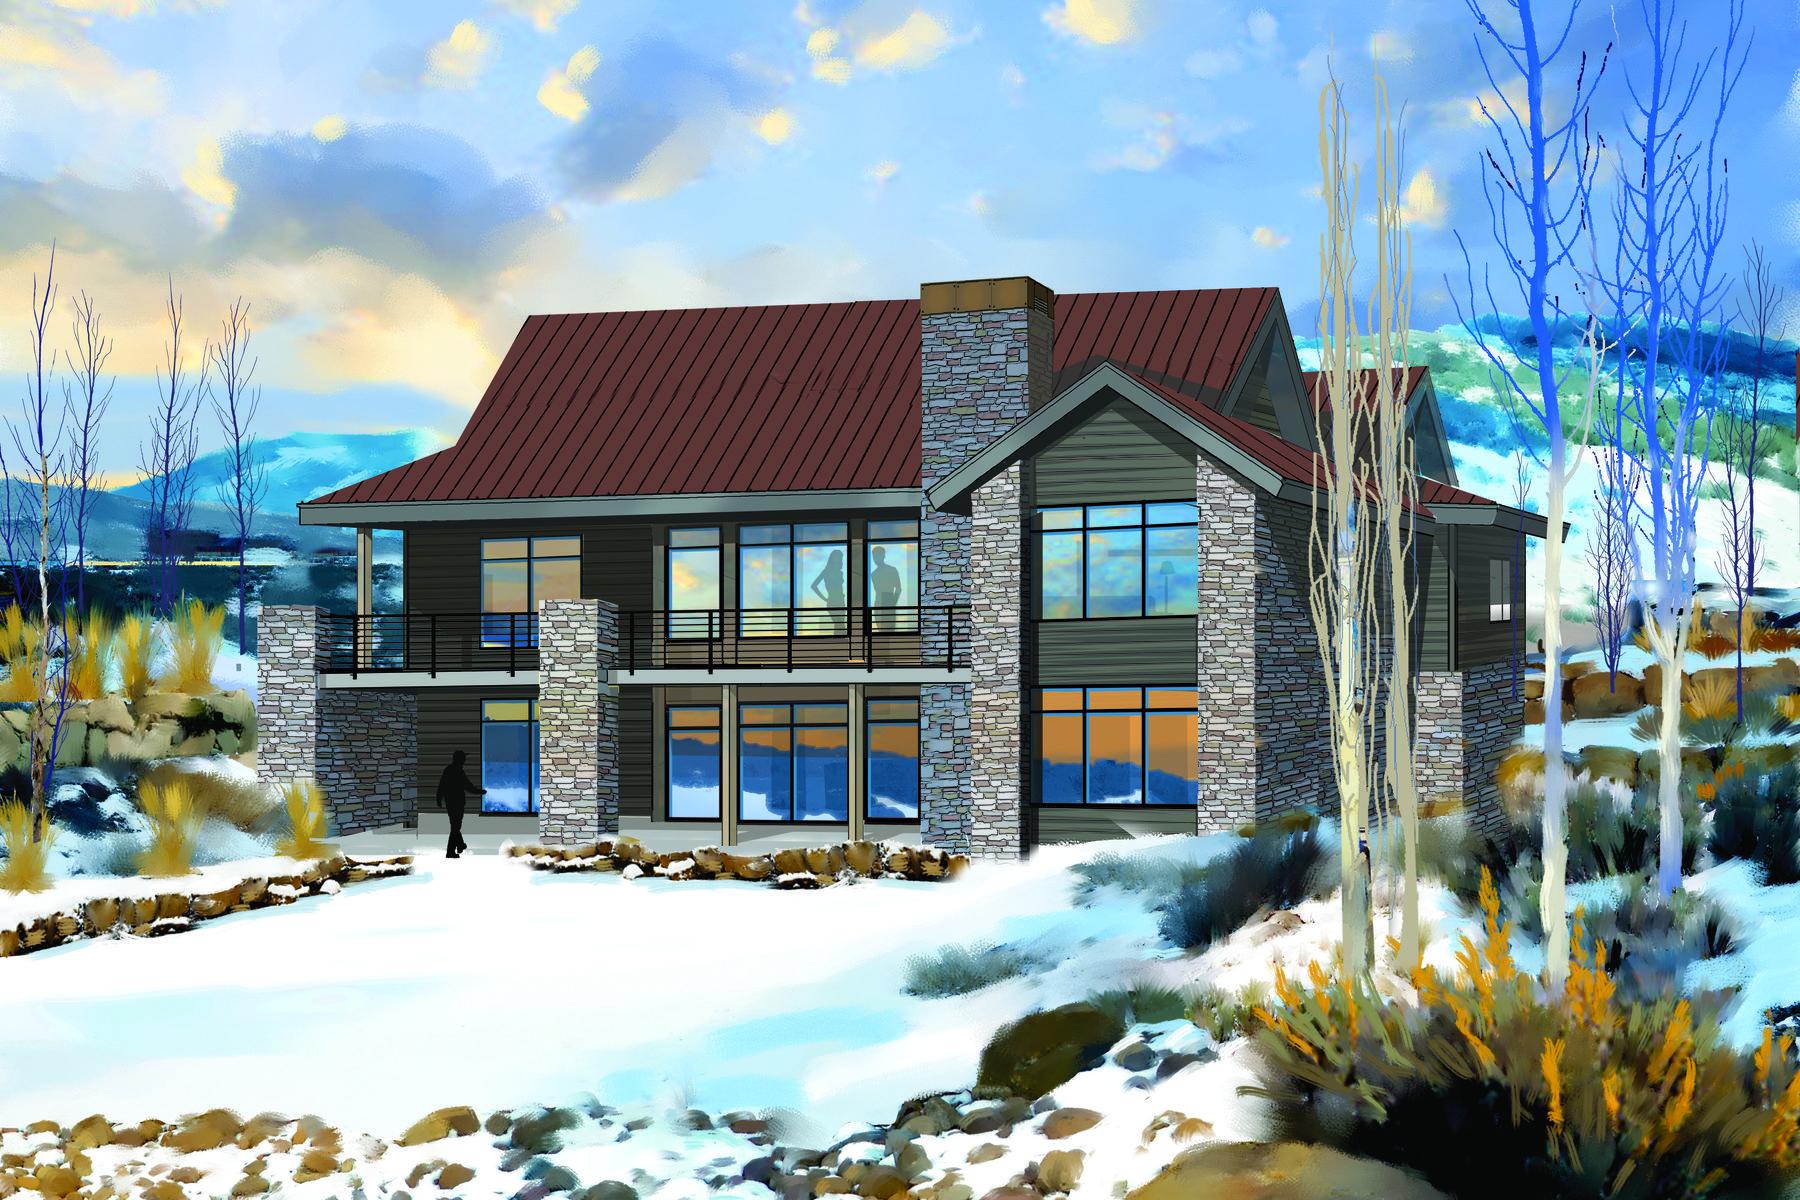 Частный односемейный дом для того Продажа на New Nicklaus Golf Cabin Promontory 6441 Golden Bear Loop West Lots #1-4 Park City, Юта, 84098 Соединенные Штаты